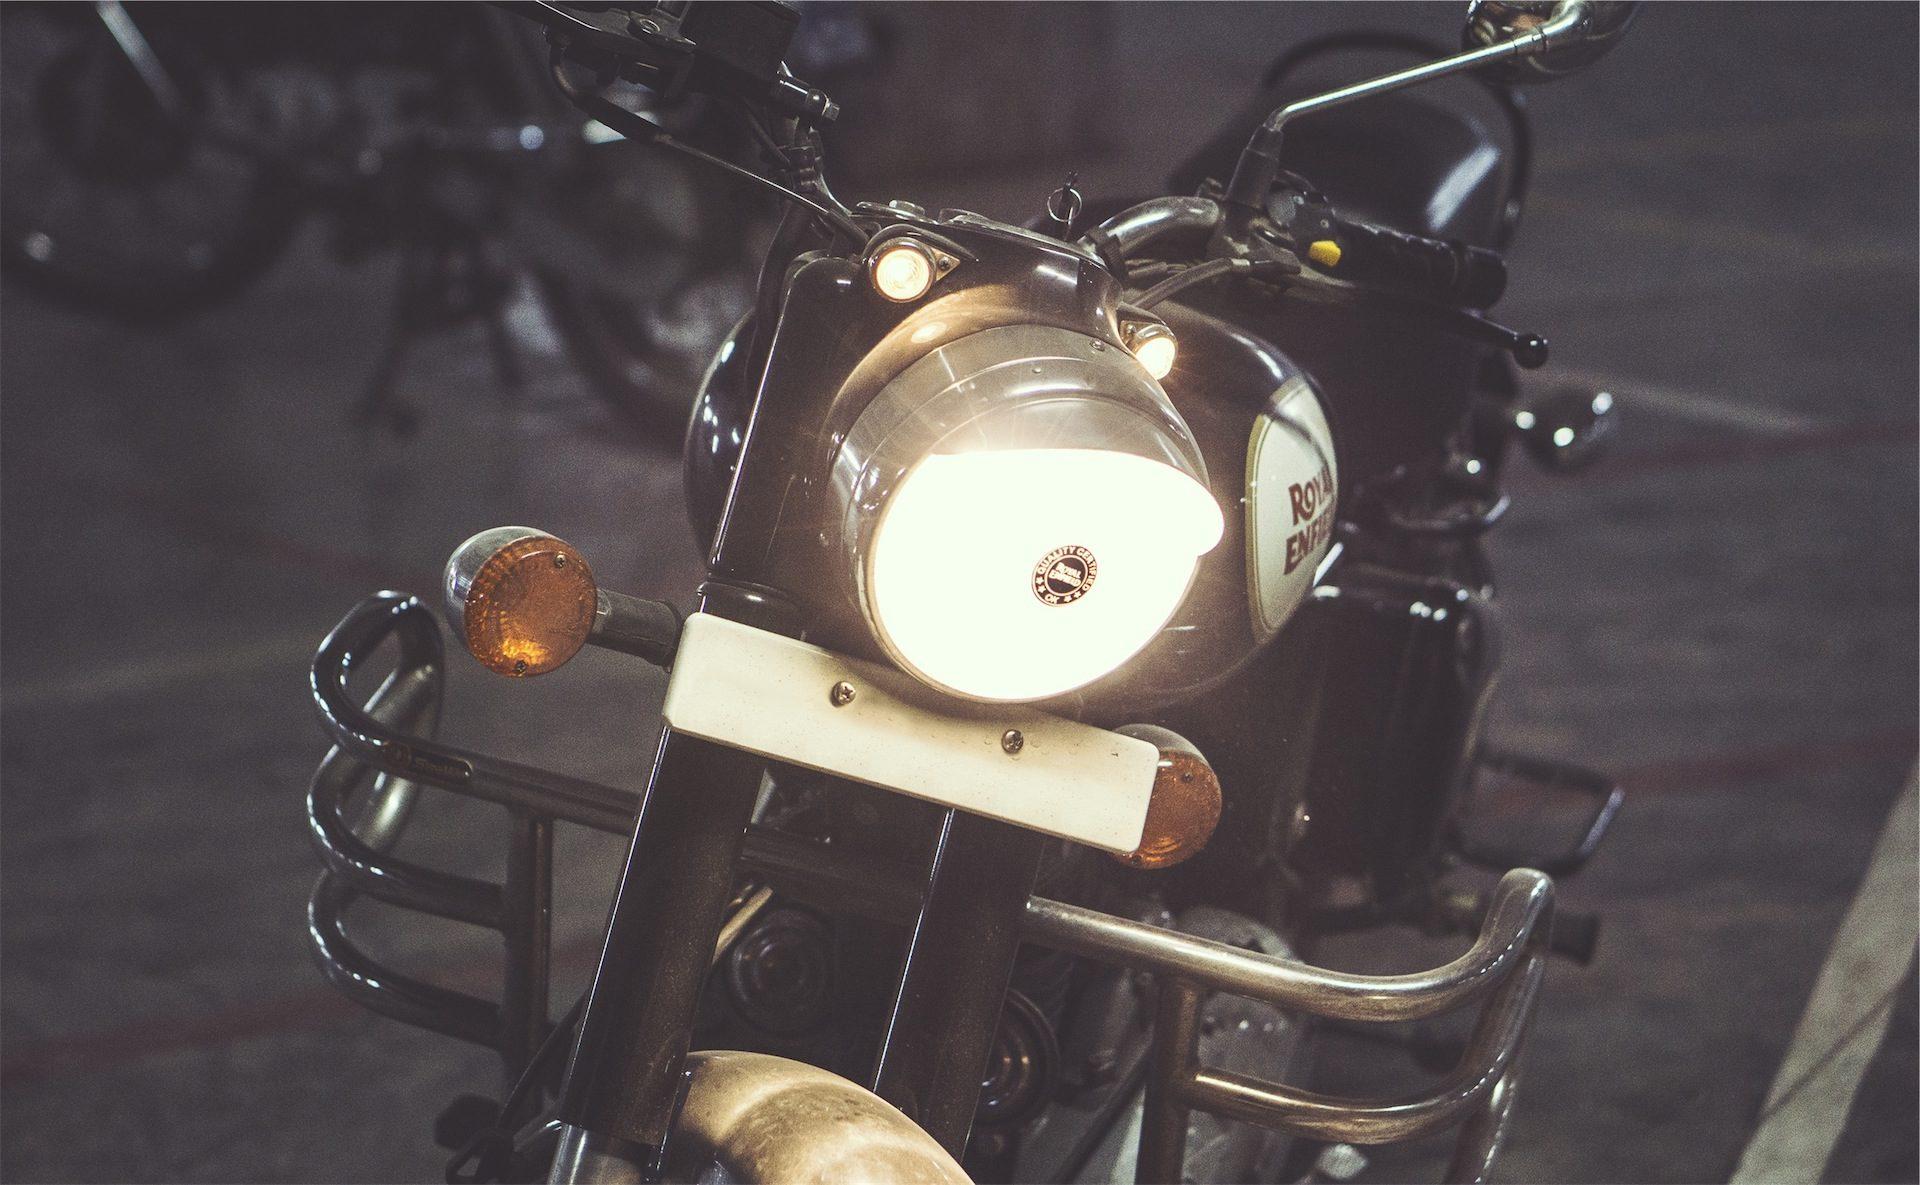 moto, faro, luz, motocicleta, carretera - Fondos de Pantalla HD - professor-falken.com